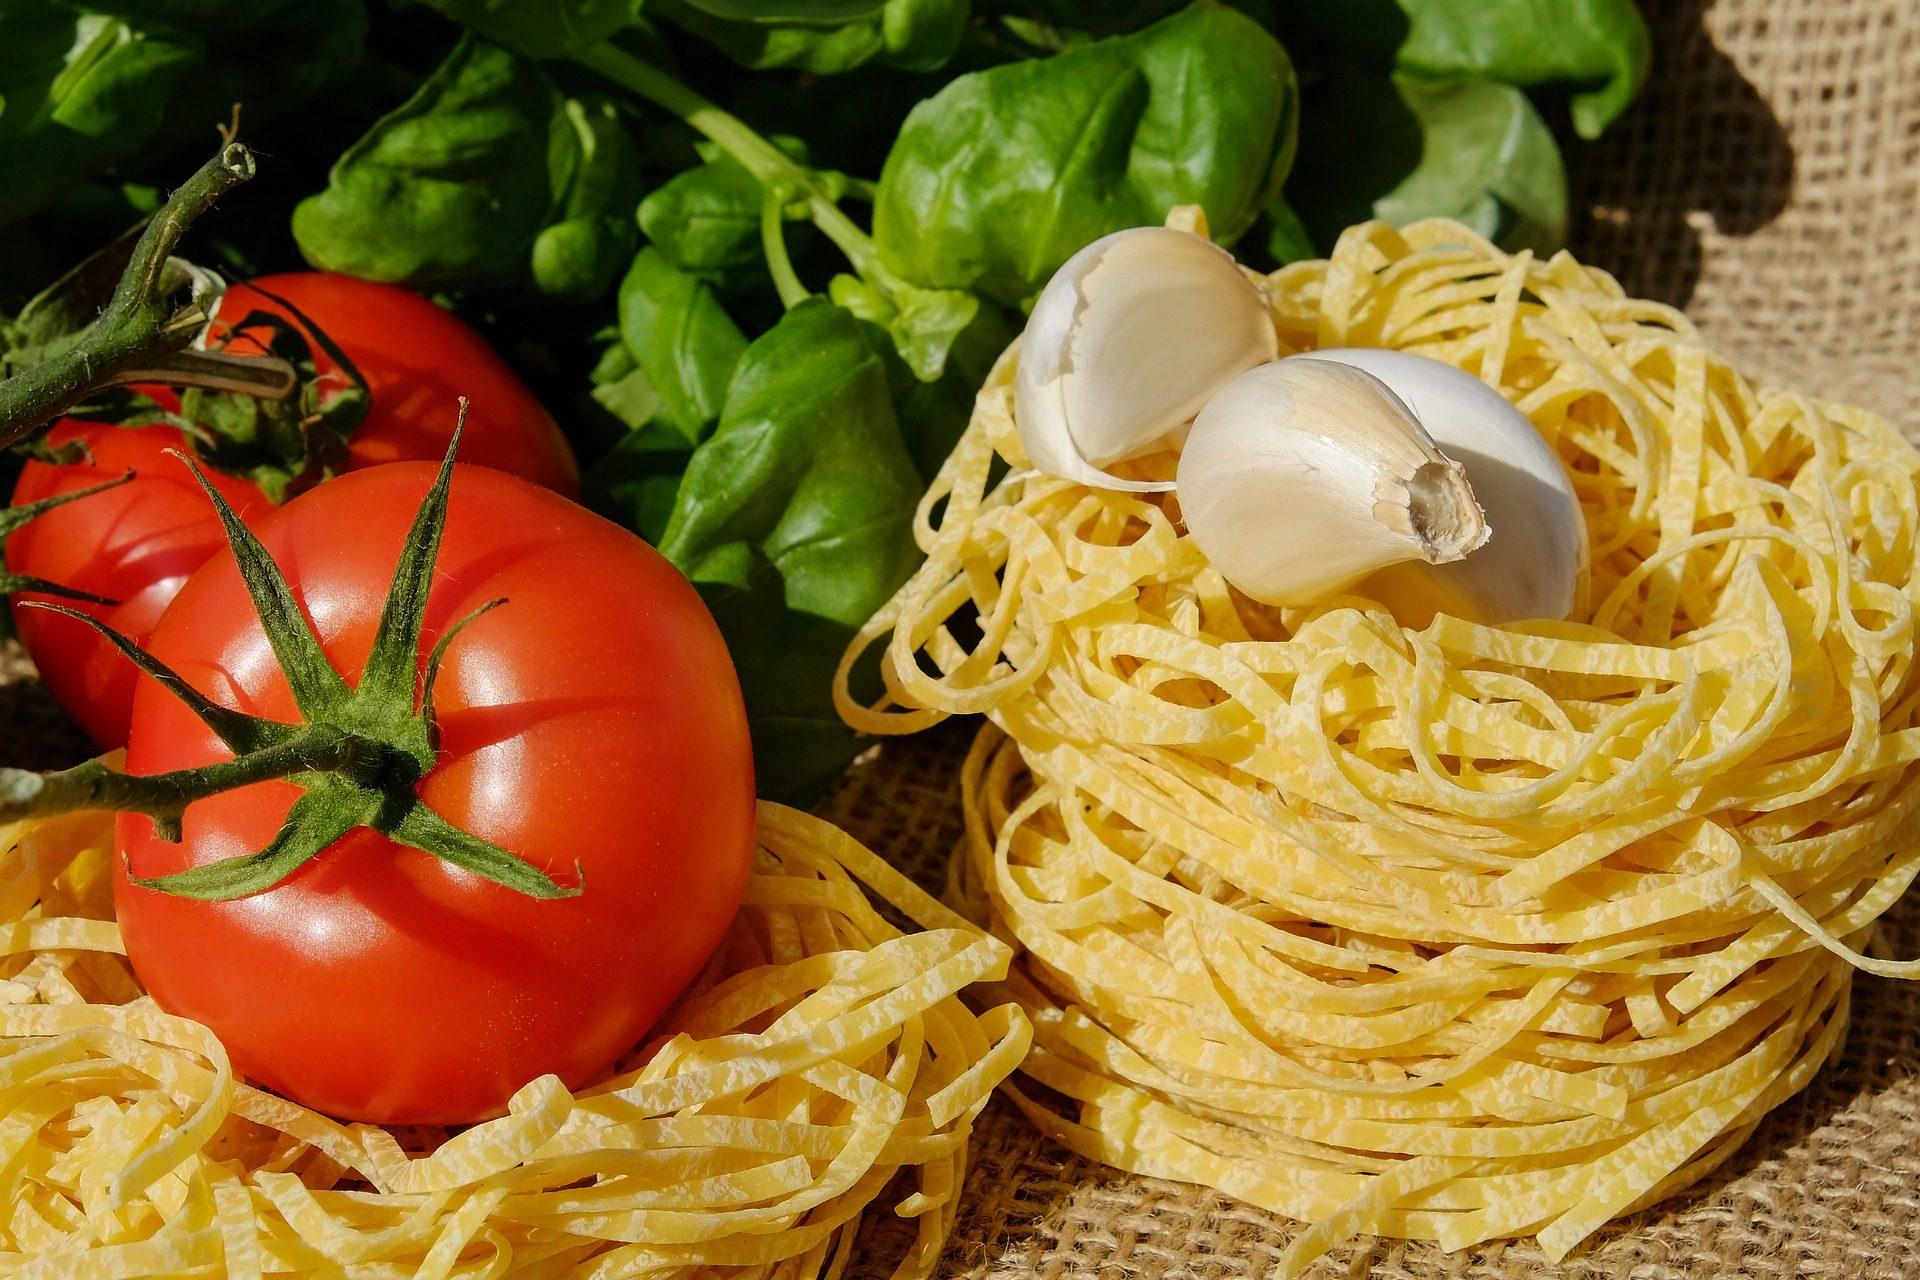 Manipulador de alimentos y alergias - Renovar carnet manipulador alimentos ...